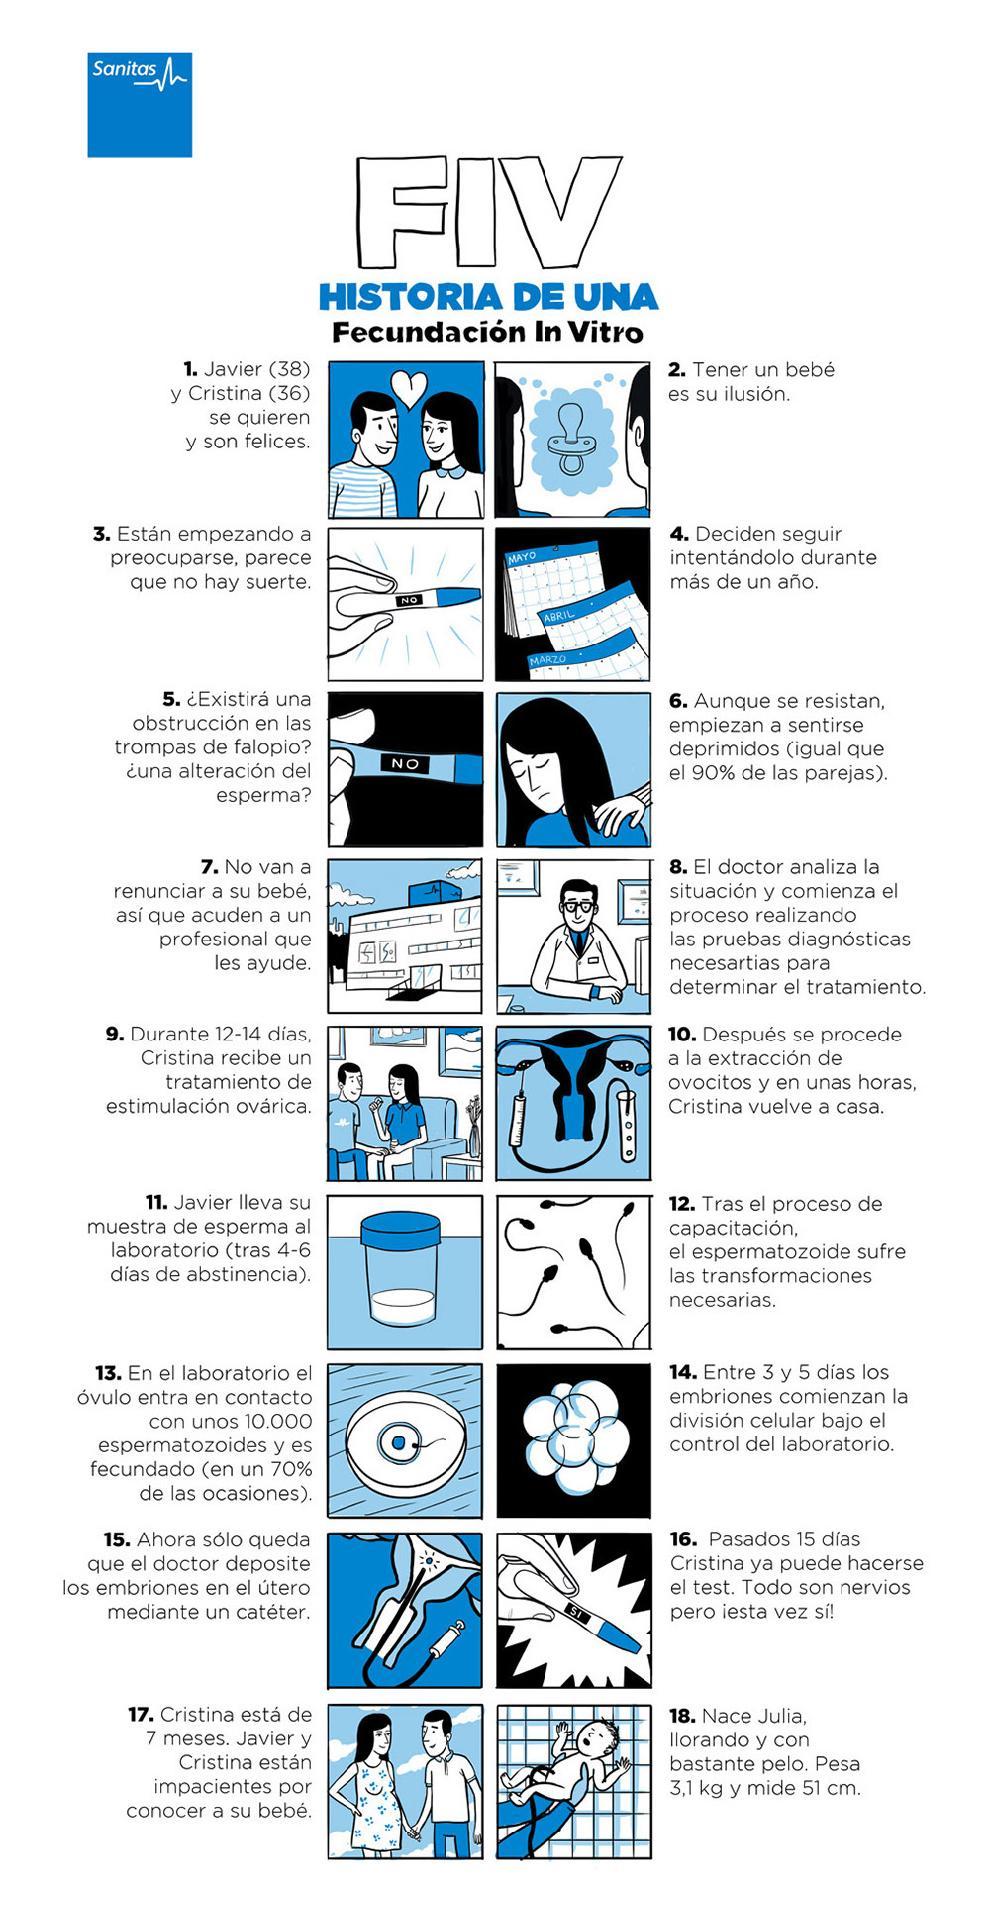 Infografía Fecundación In Vitro